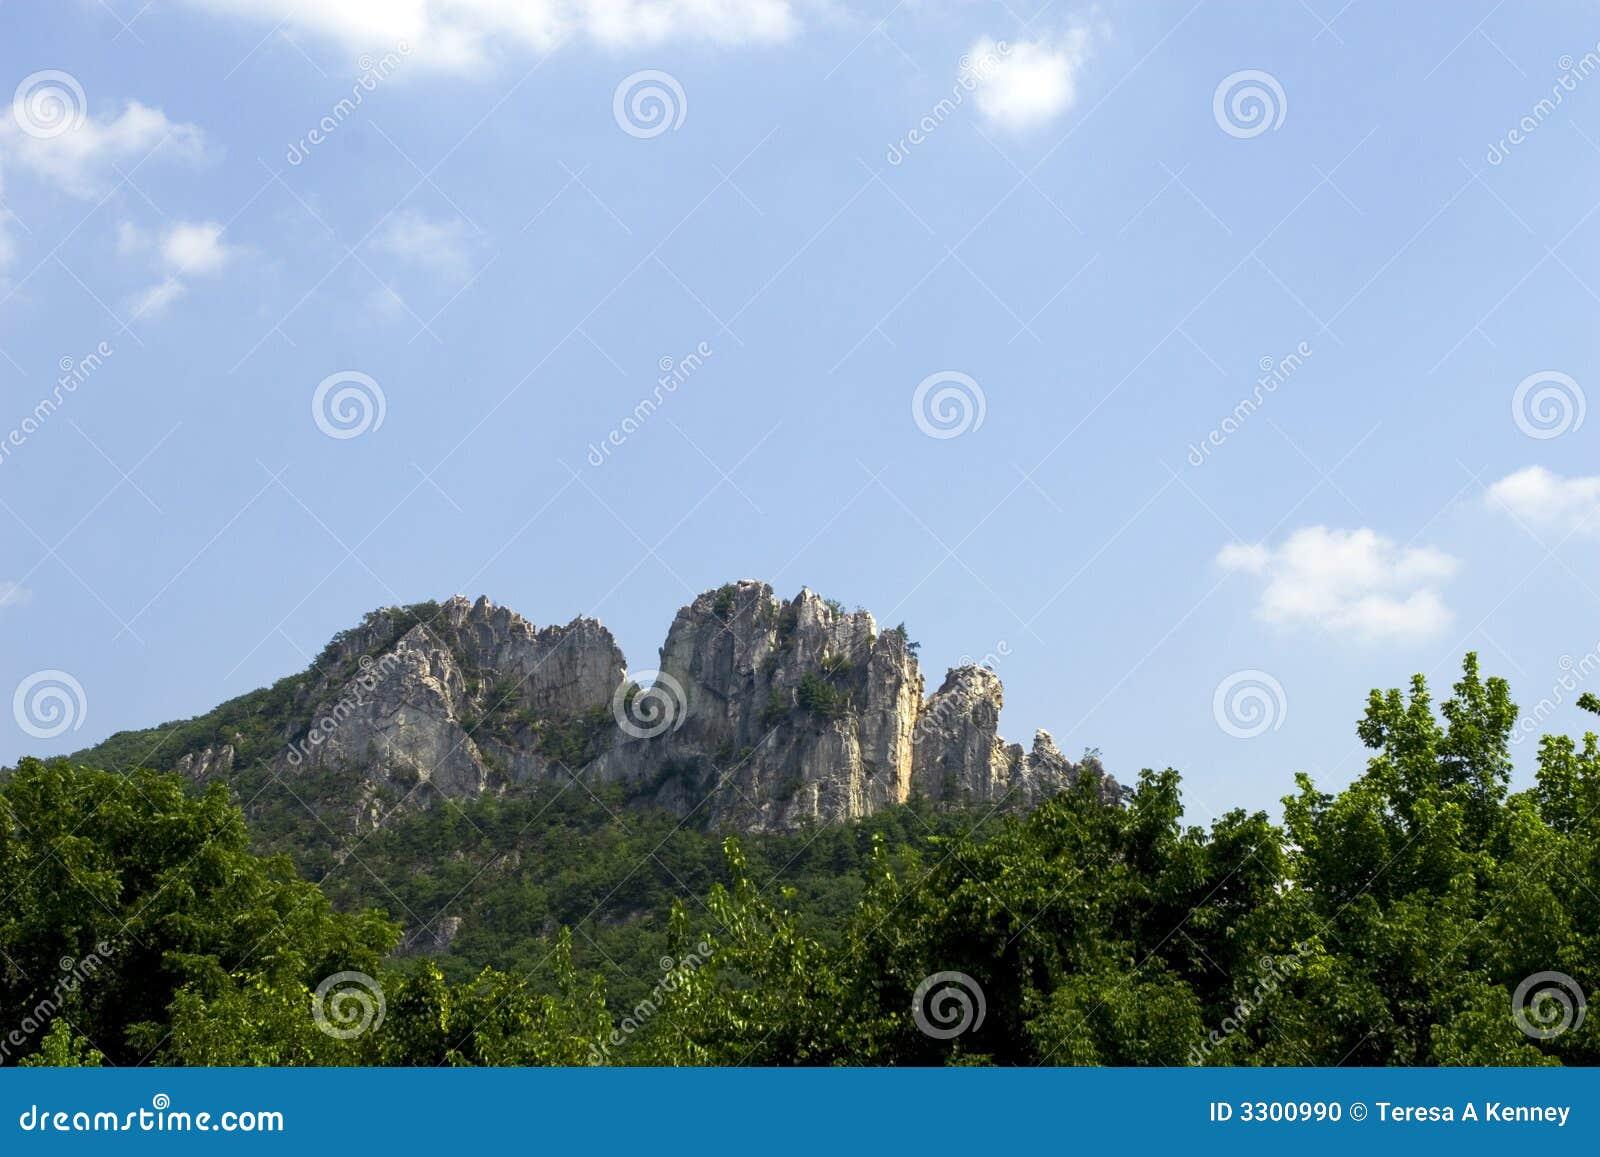 Rocha do Seneca